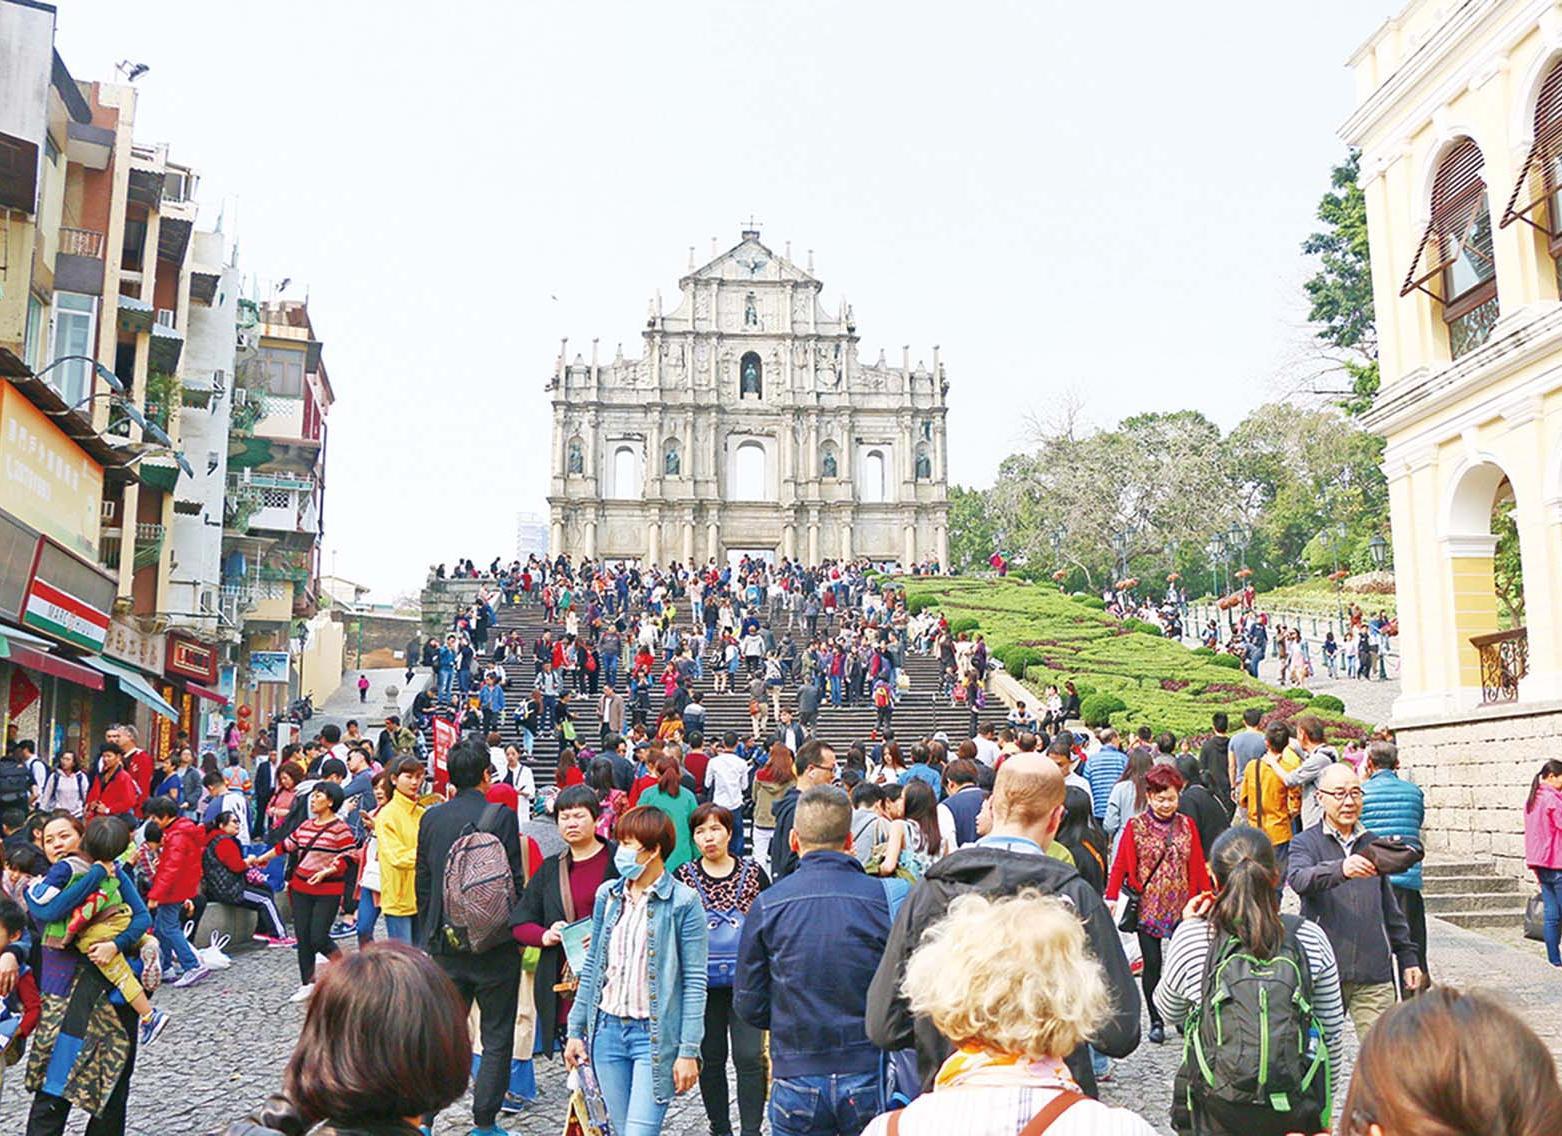 留宿旅客大幅增加14%